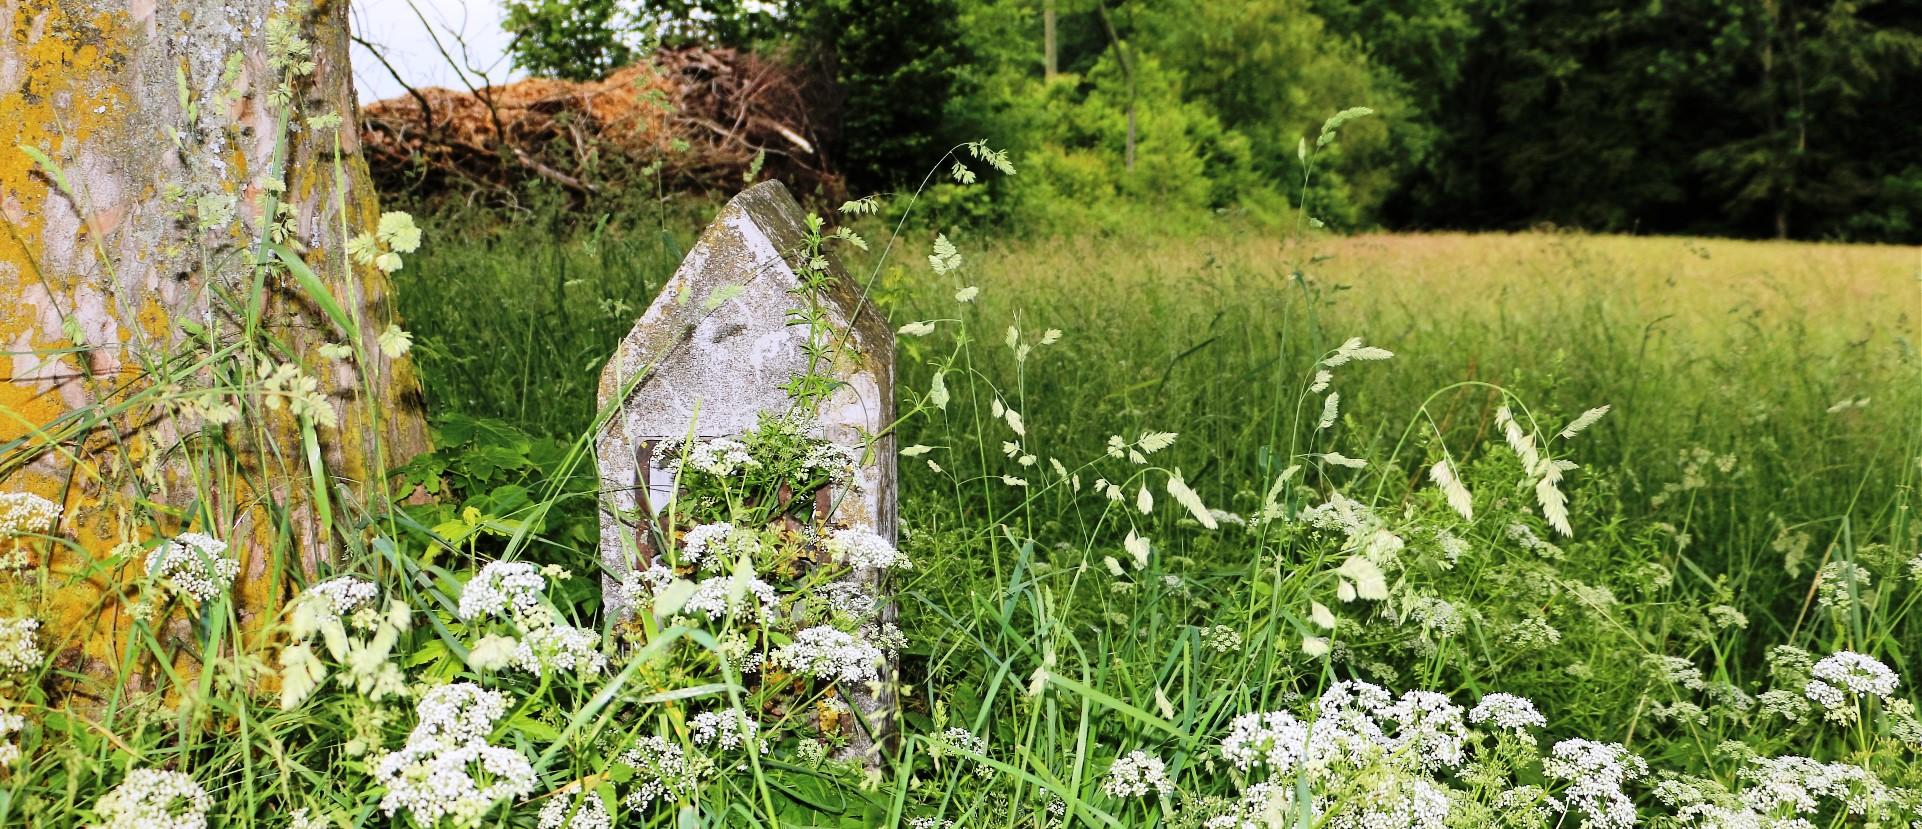 Meilenstein am Wegrand im Gras